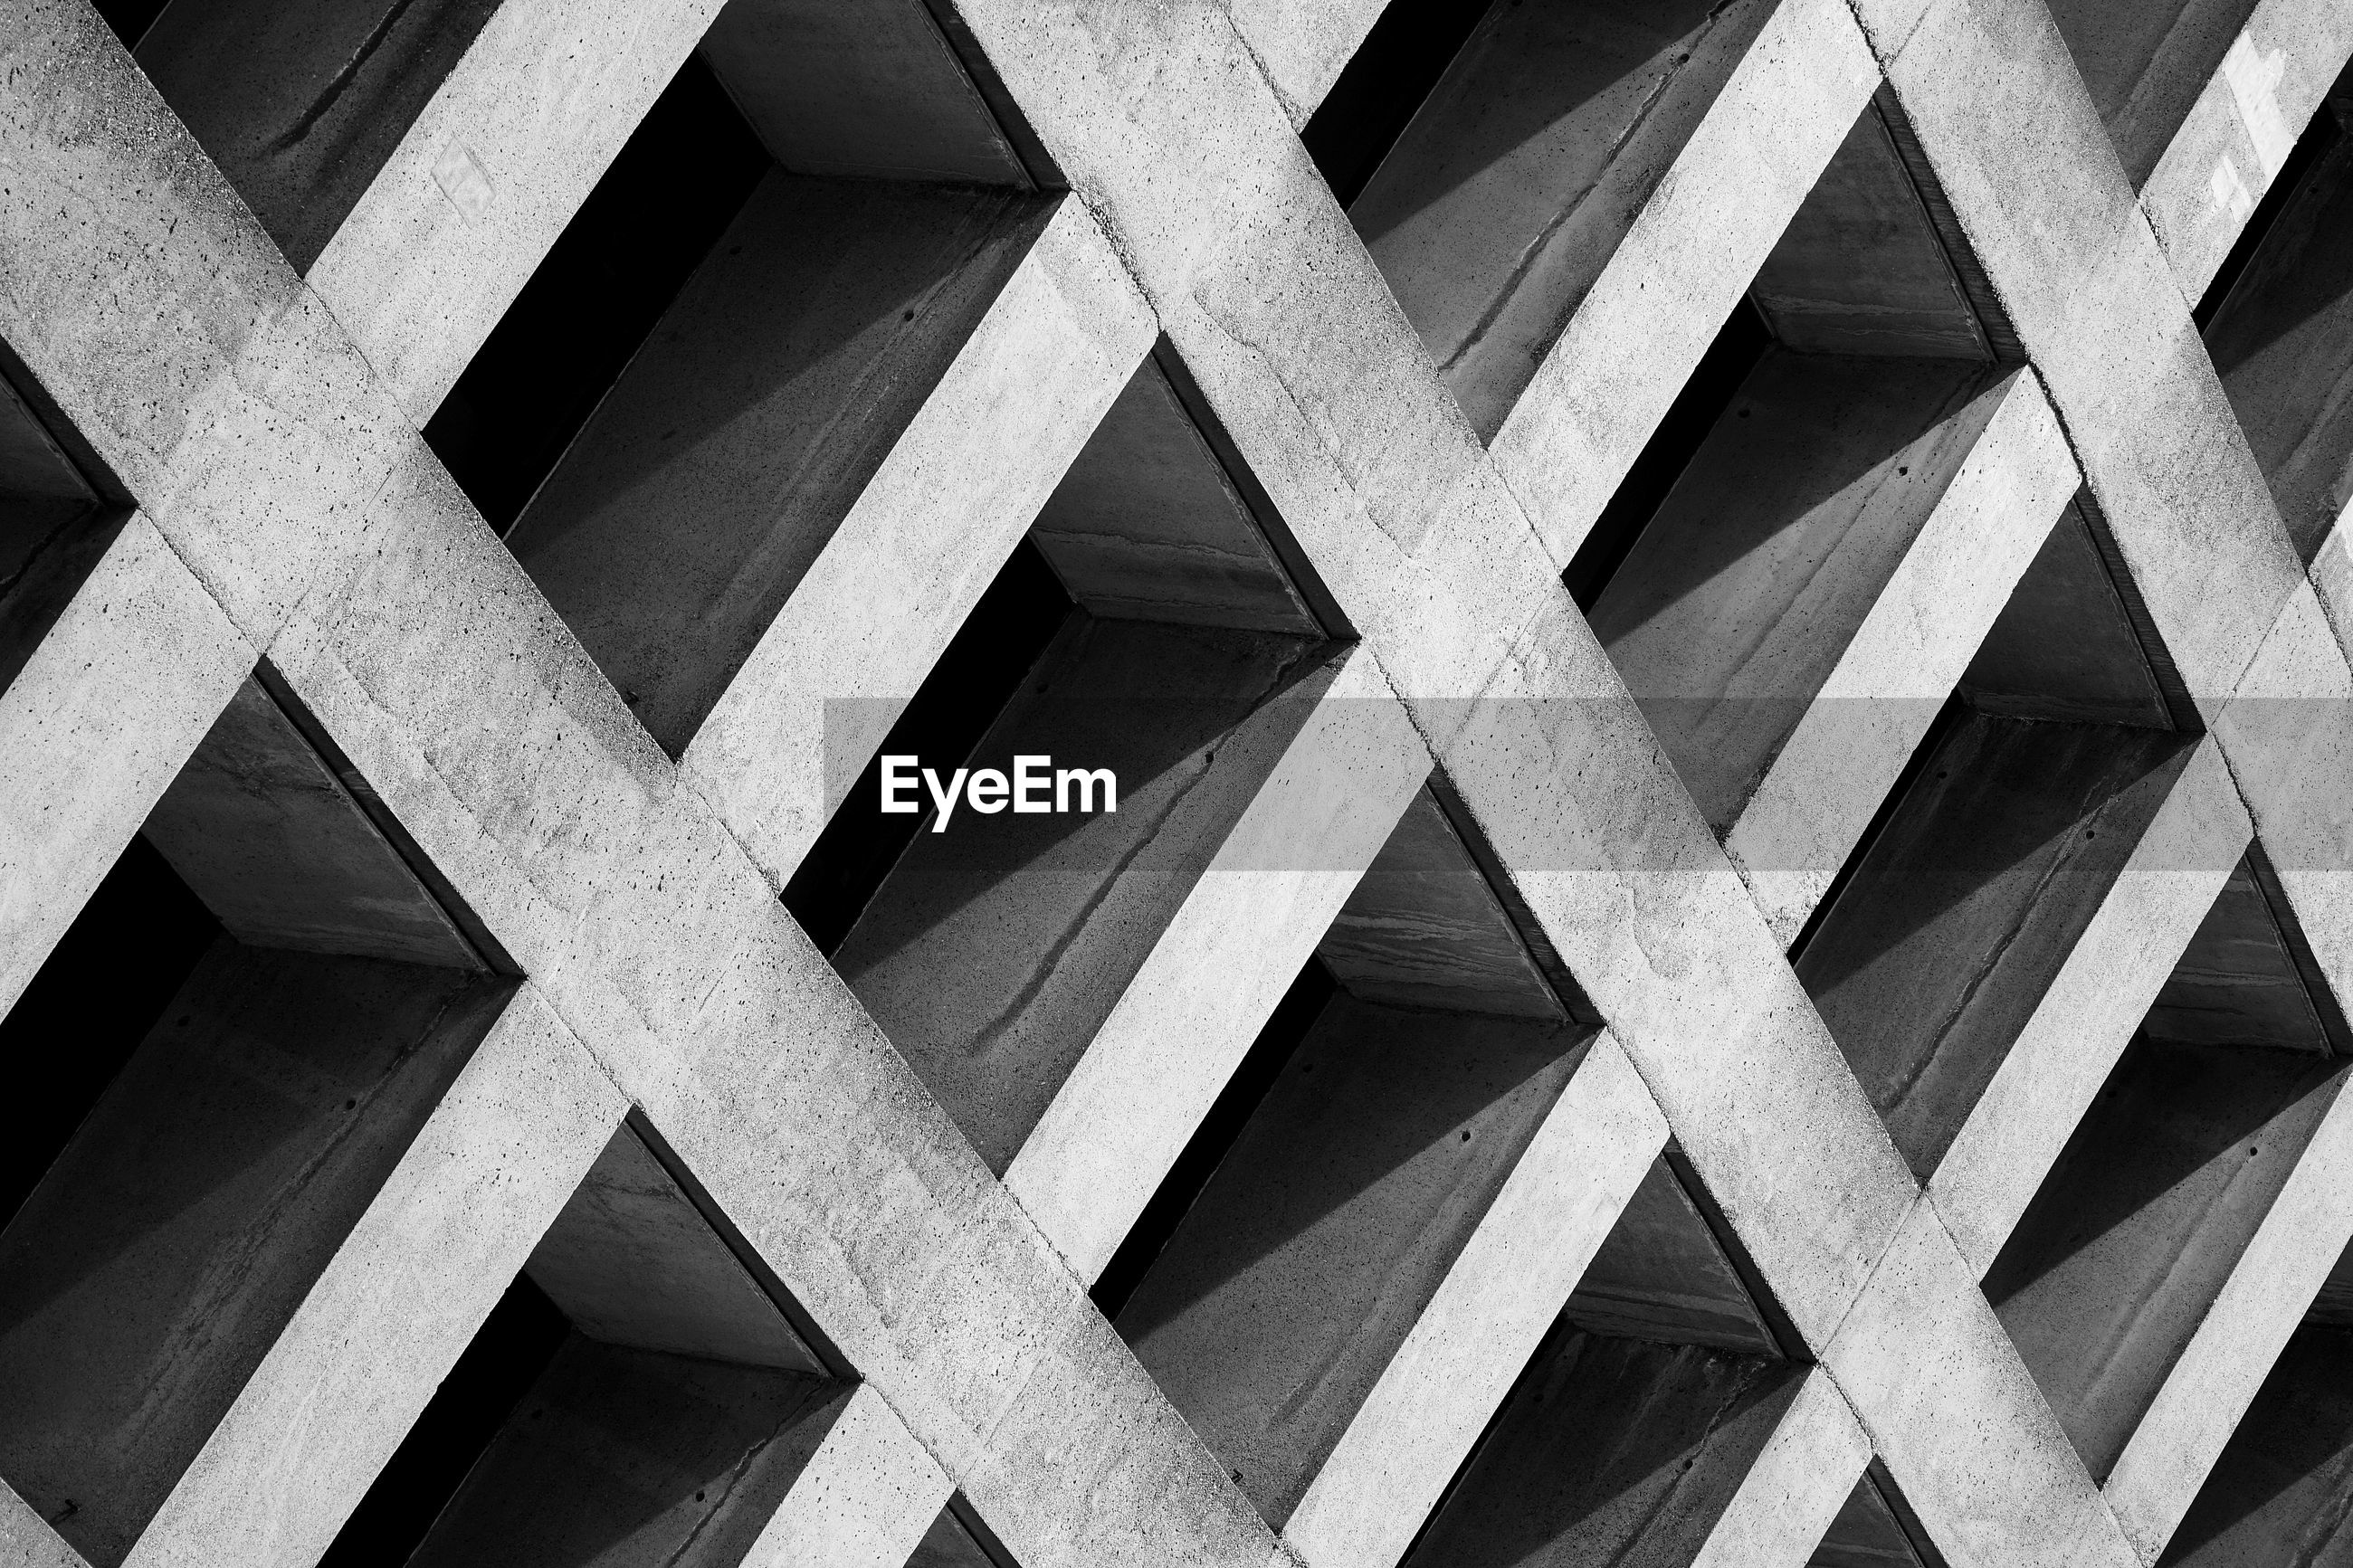 Full frame shot of patterned built structure